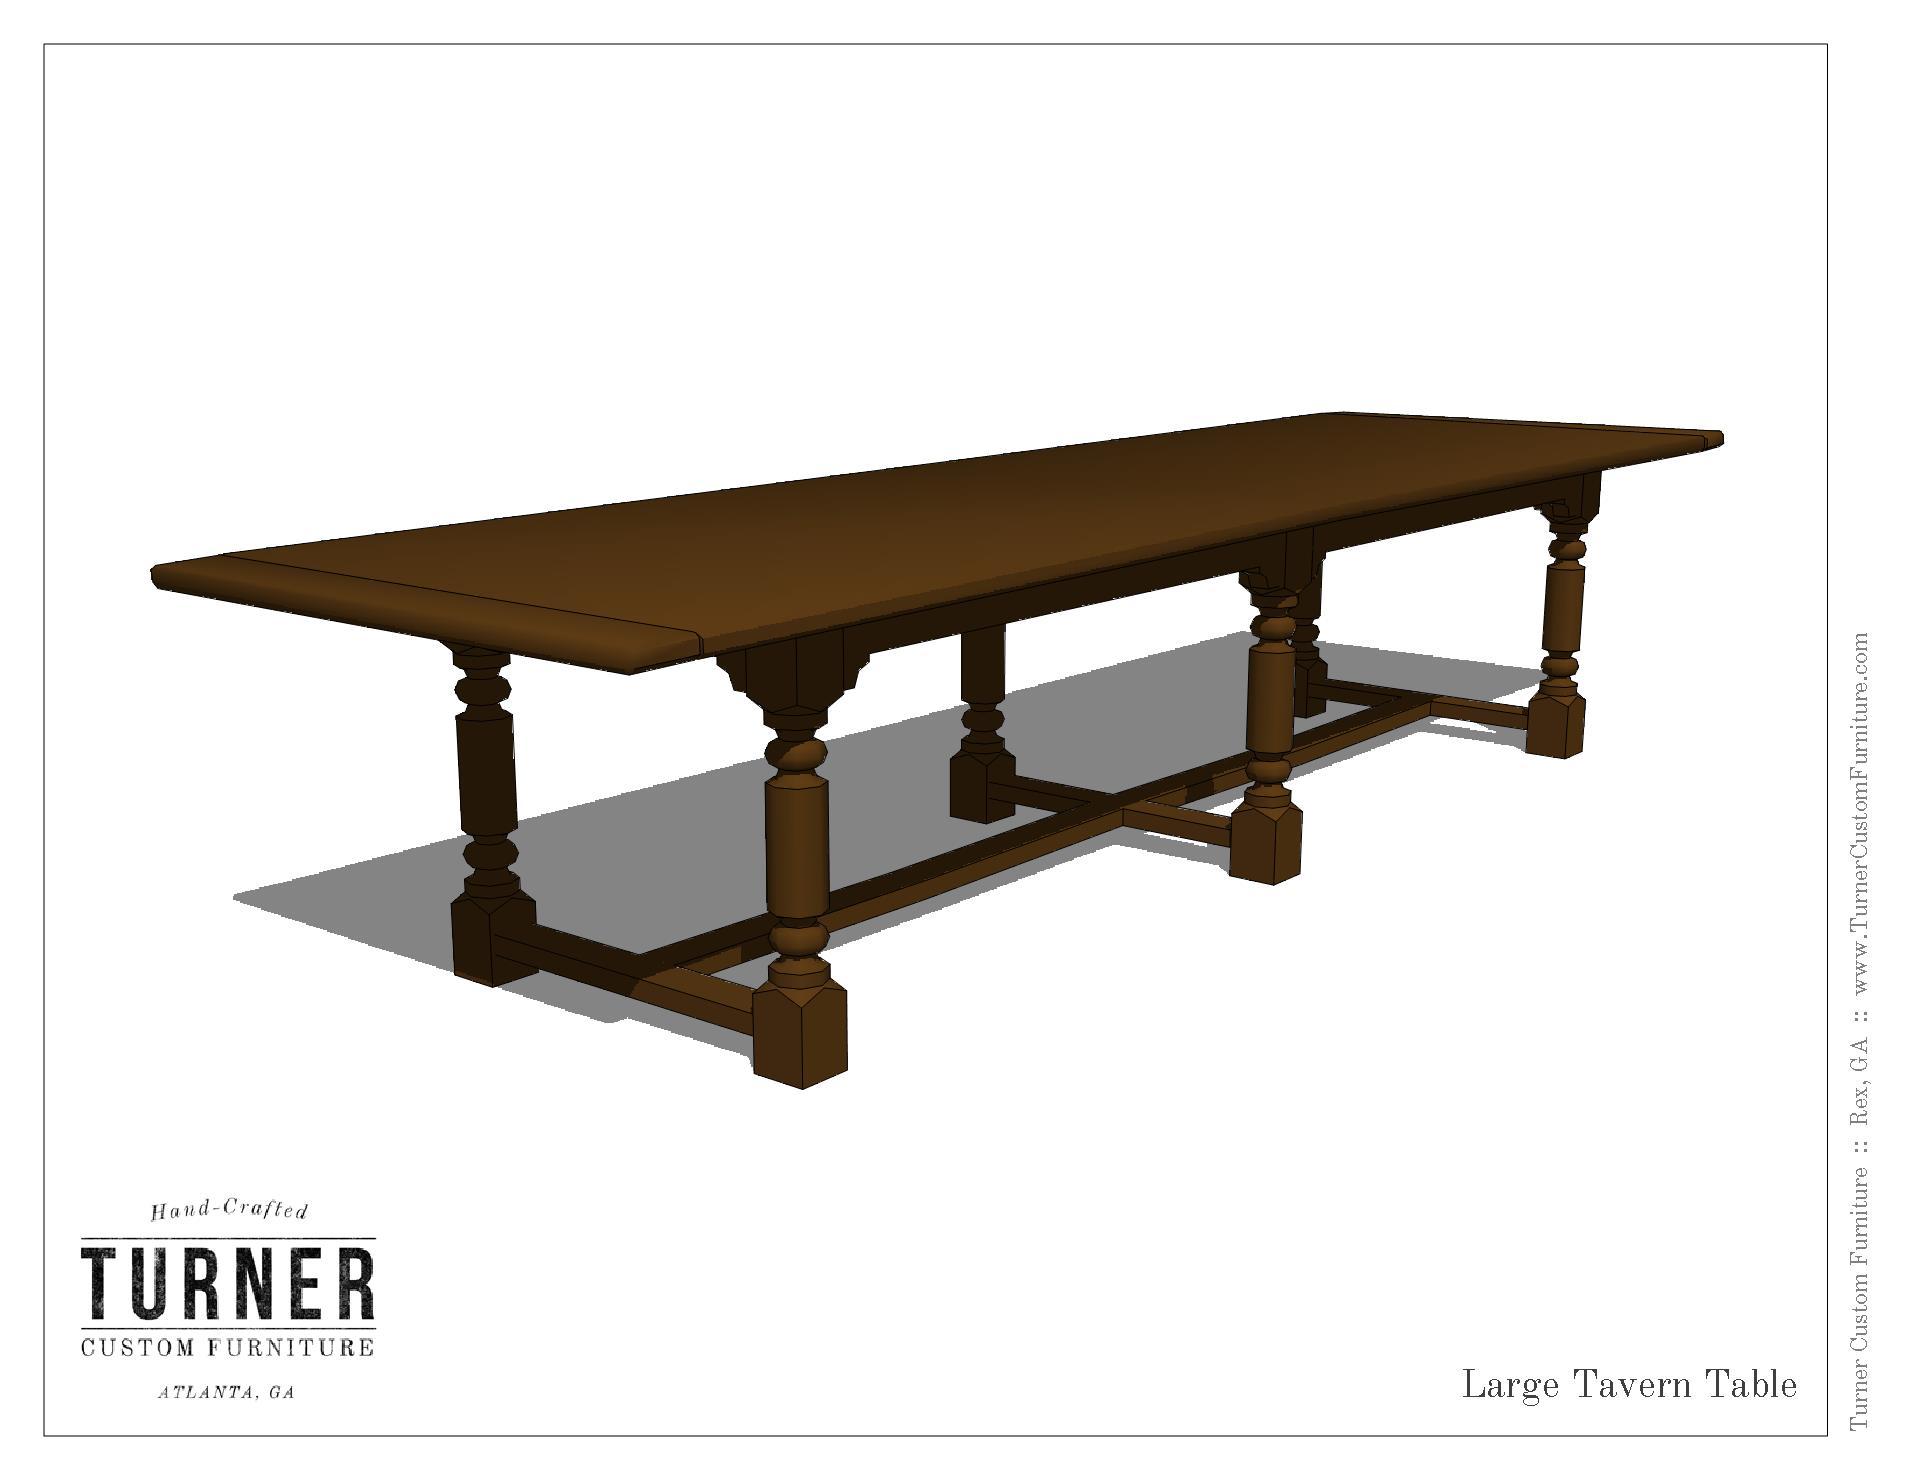 Table Builder_14.jpg